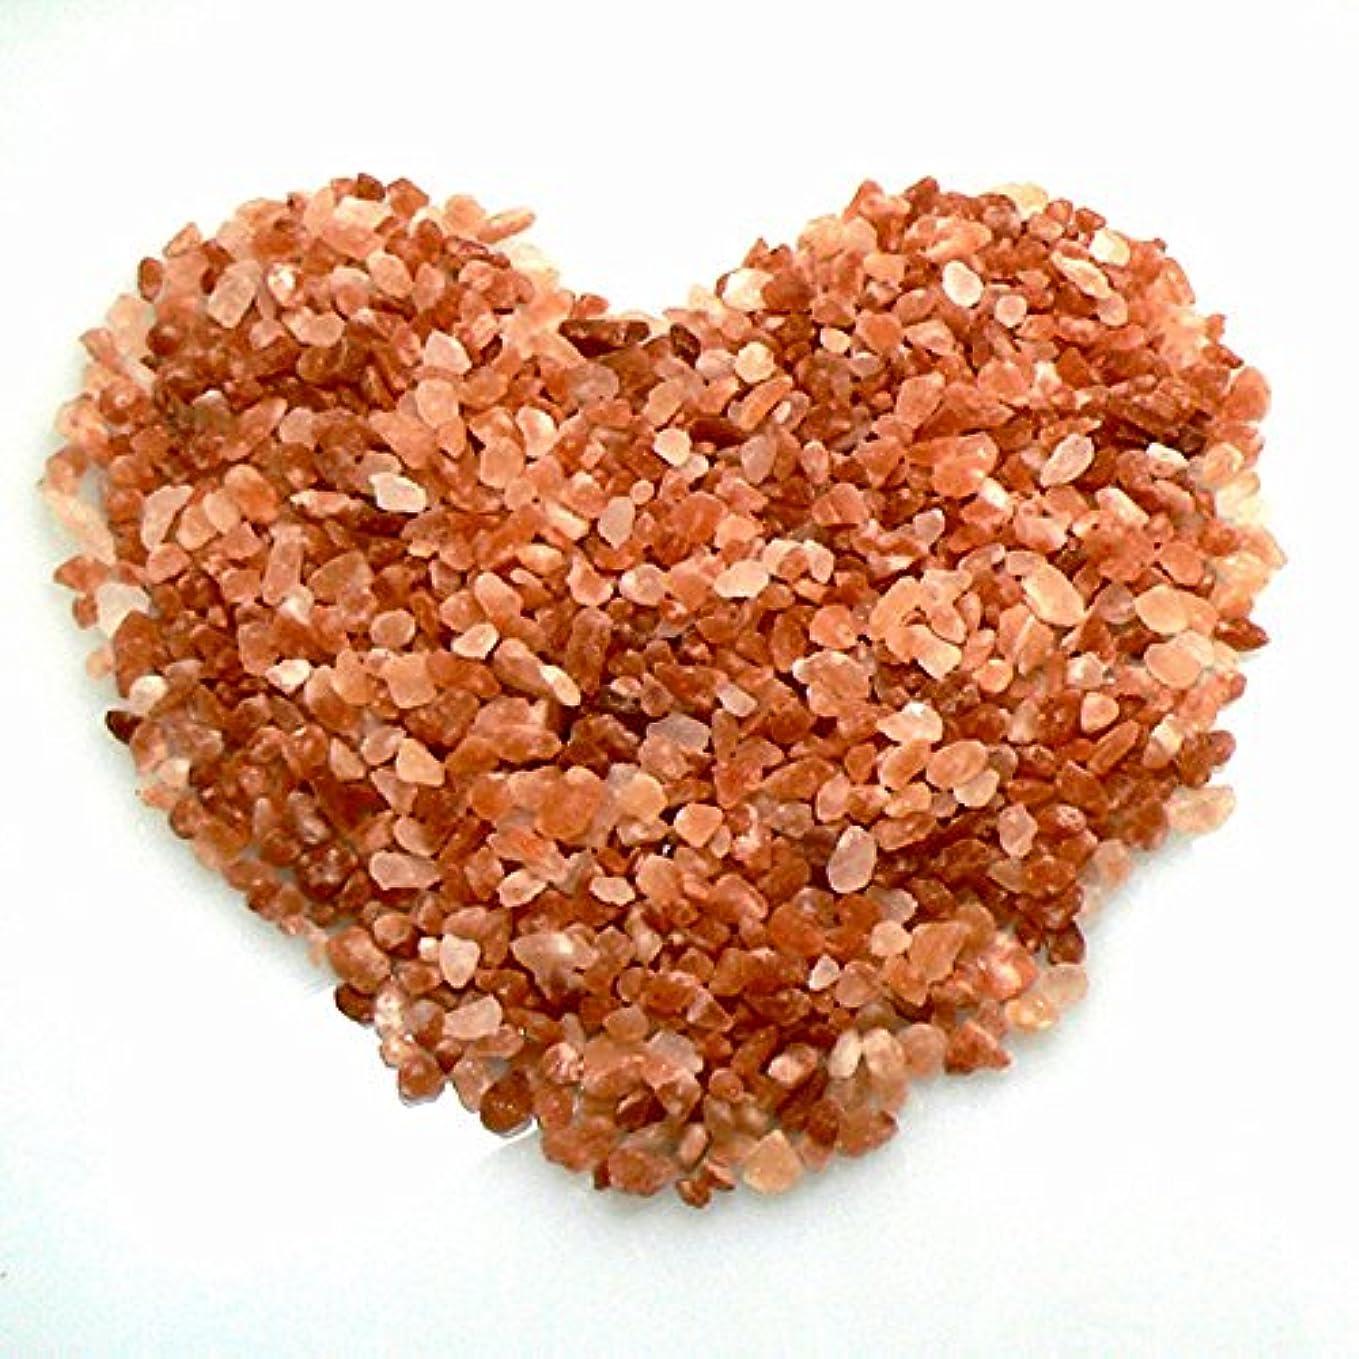 説教する言い訳カルシウムヒマラヤ岩塩 ピンクソルト 入浴用 バスソルト(小粒)2kg ピンク岩塩